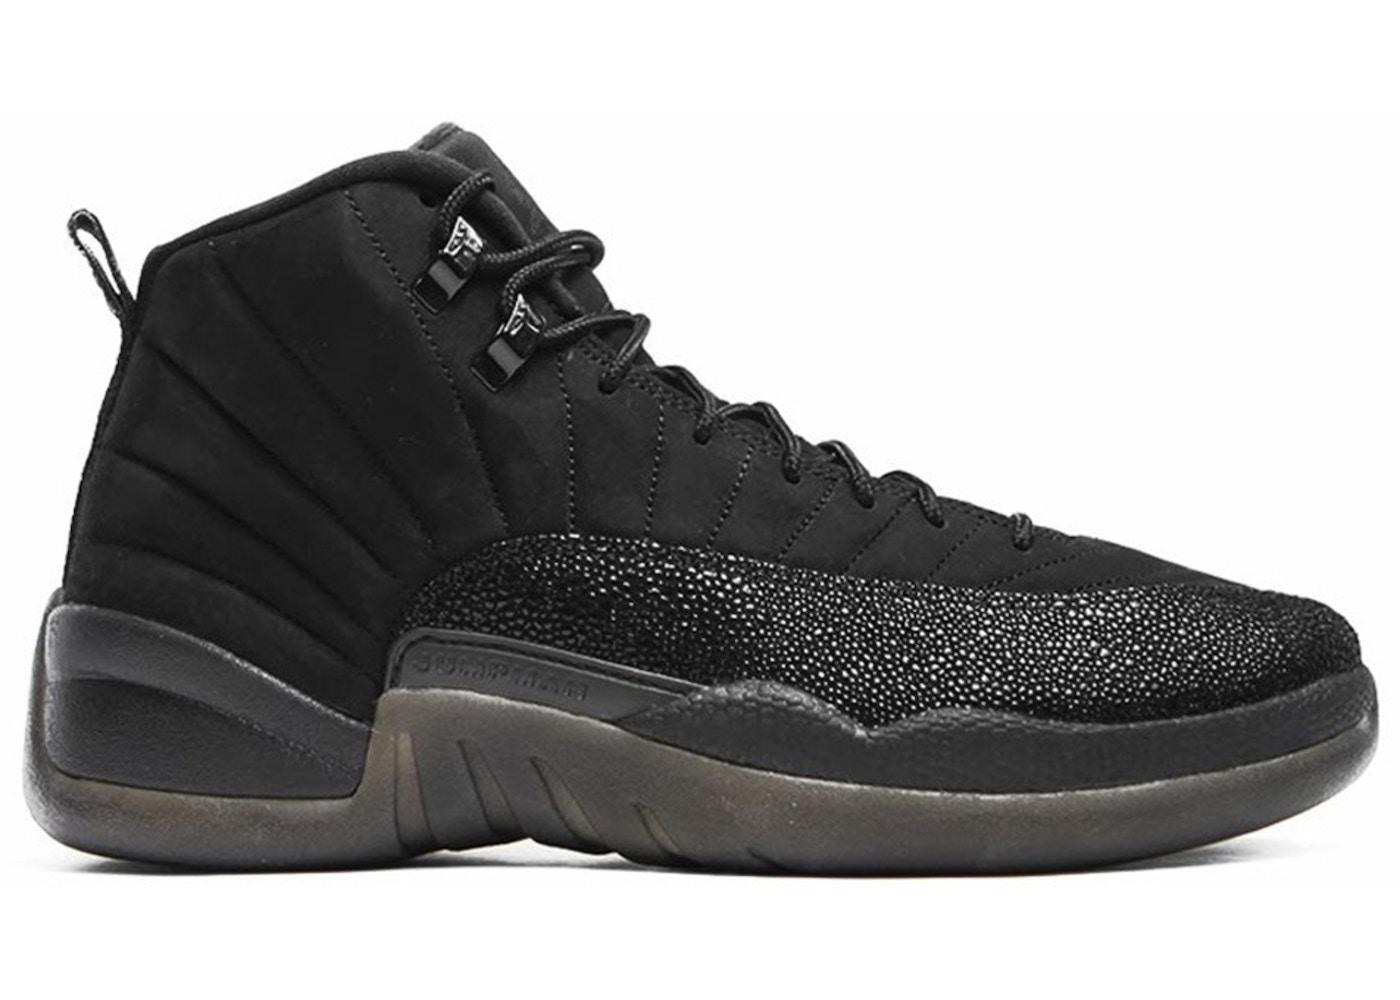 59578669786e Buy Air Jordan 12 Shoes   Deadstock Sneakers